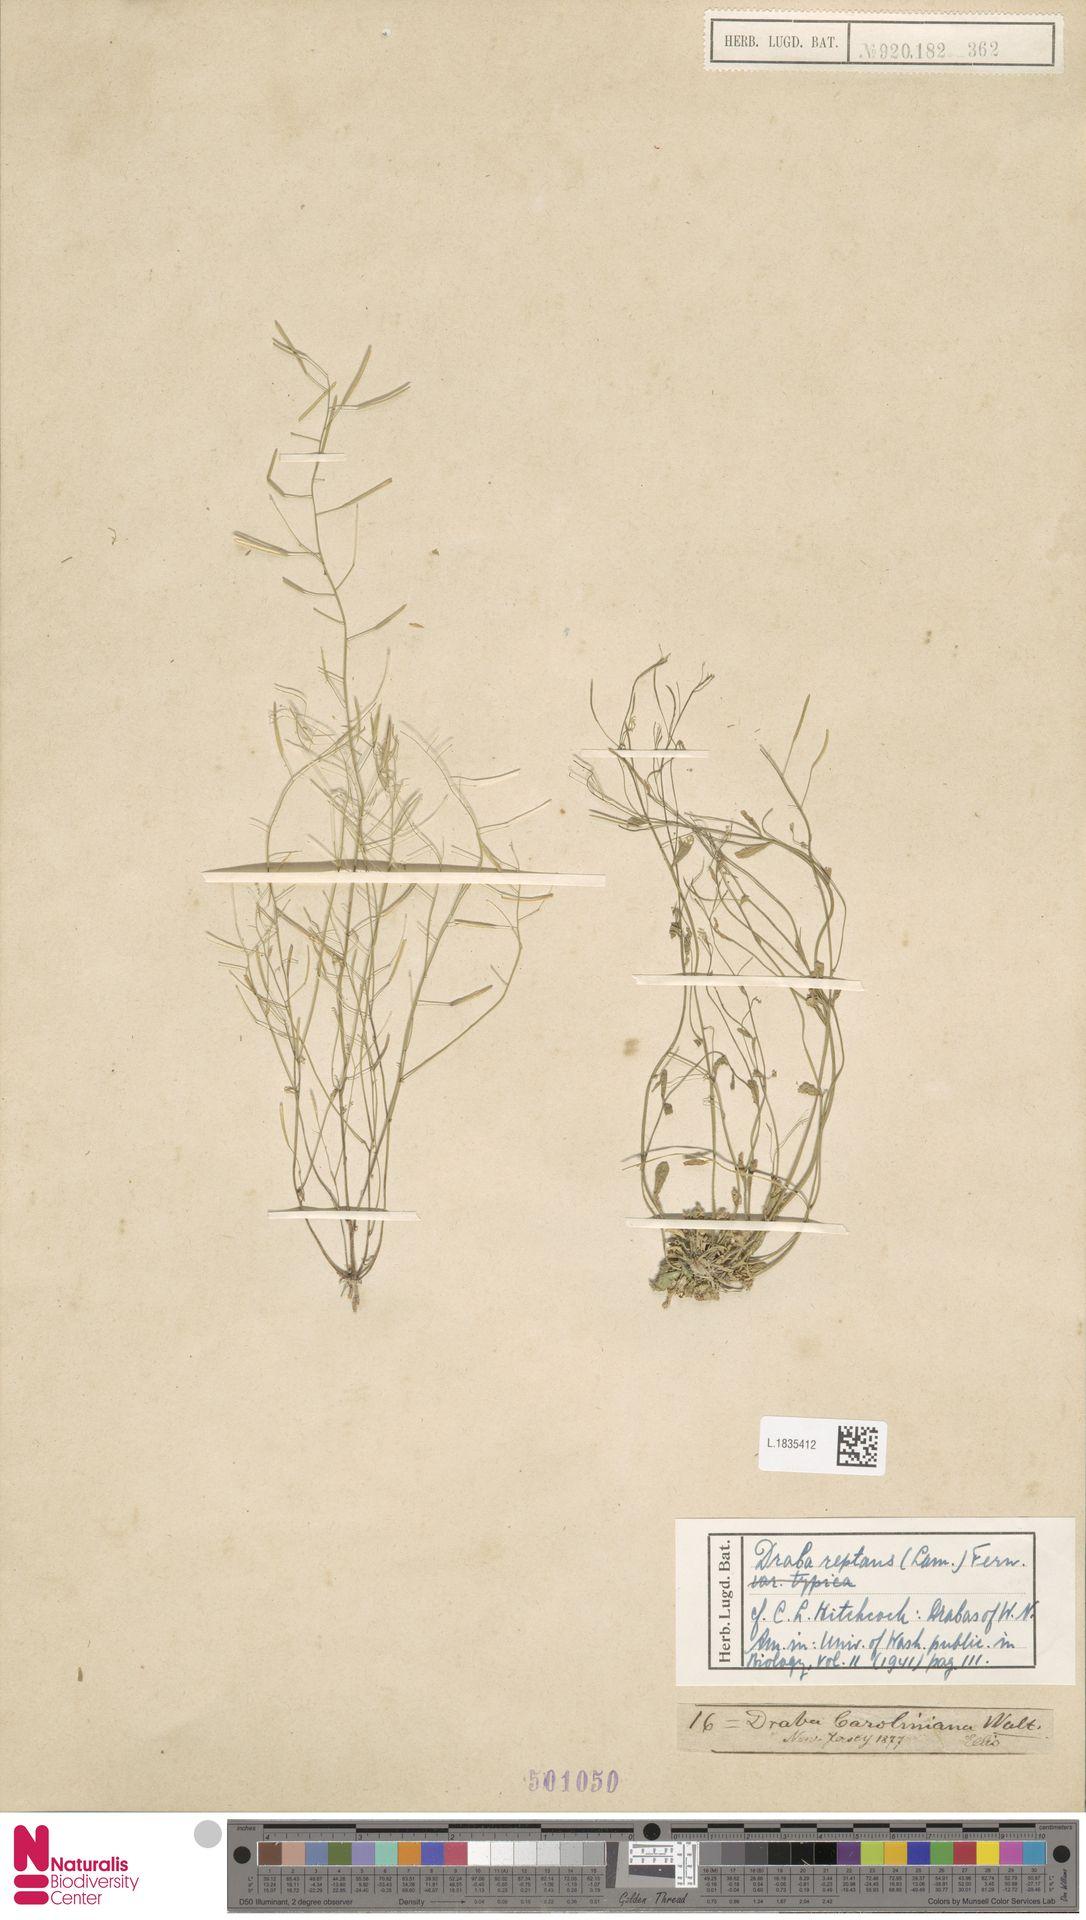 L.1835412   Draba reptans (Lam.) Fernald